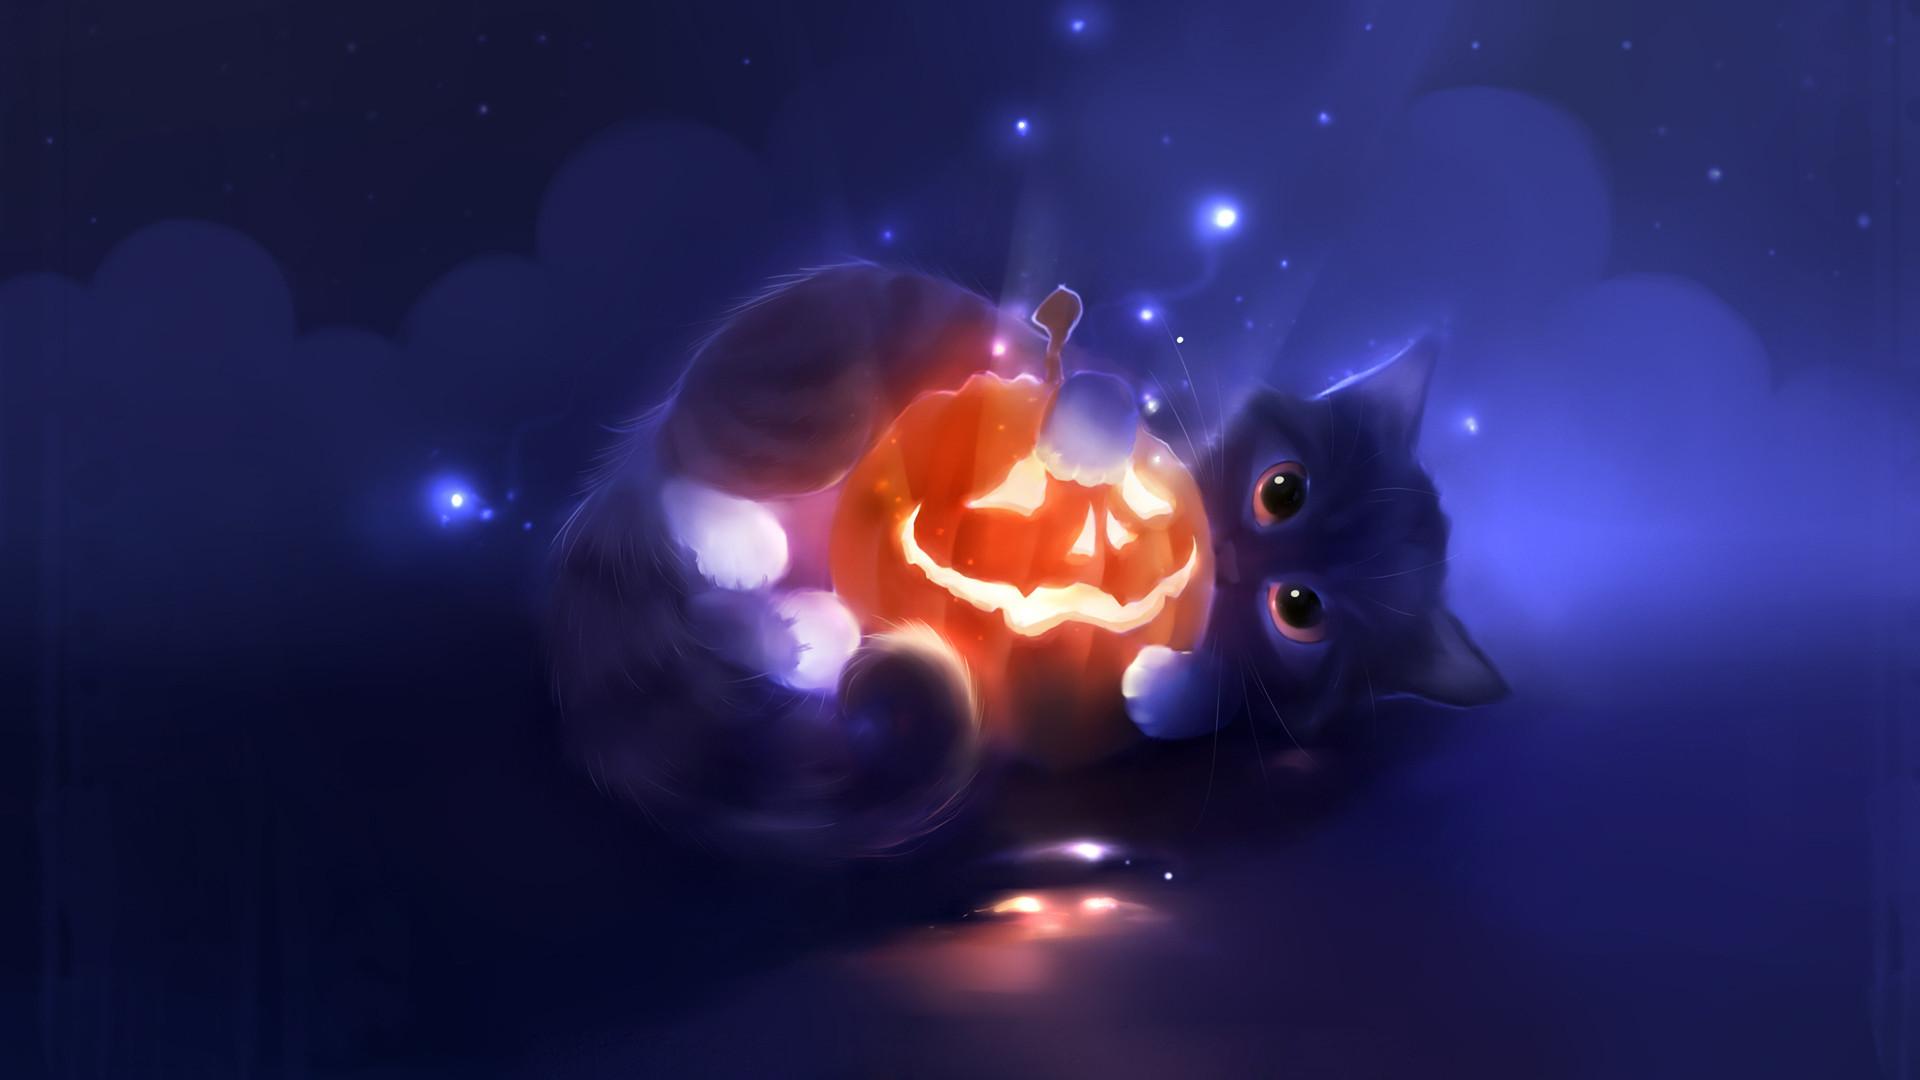 Cute Halloween Wallpaper 15765